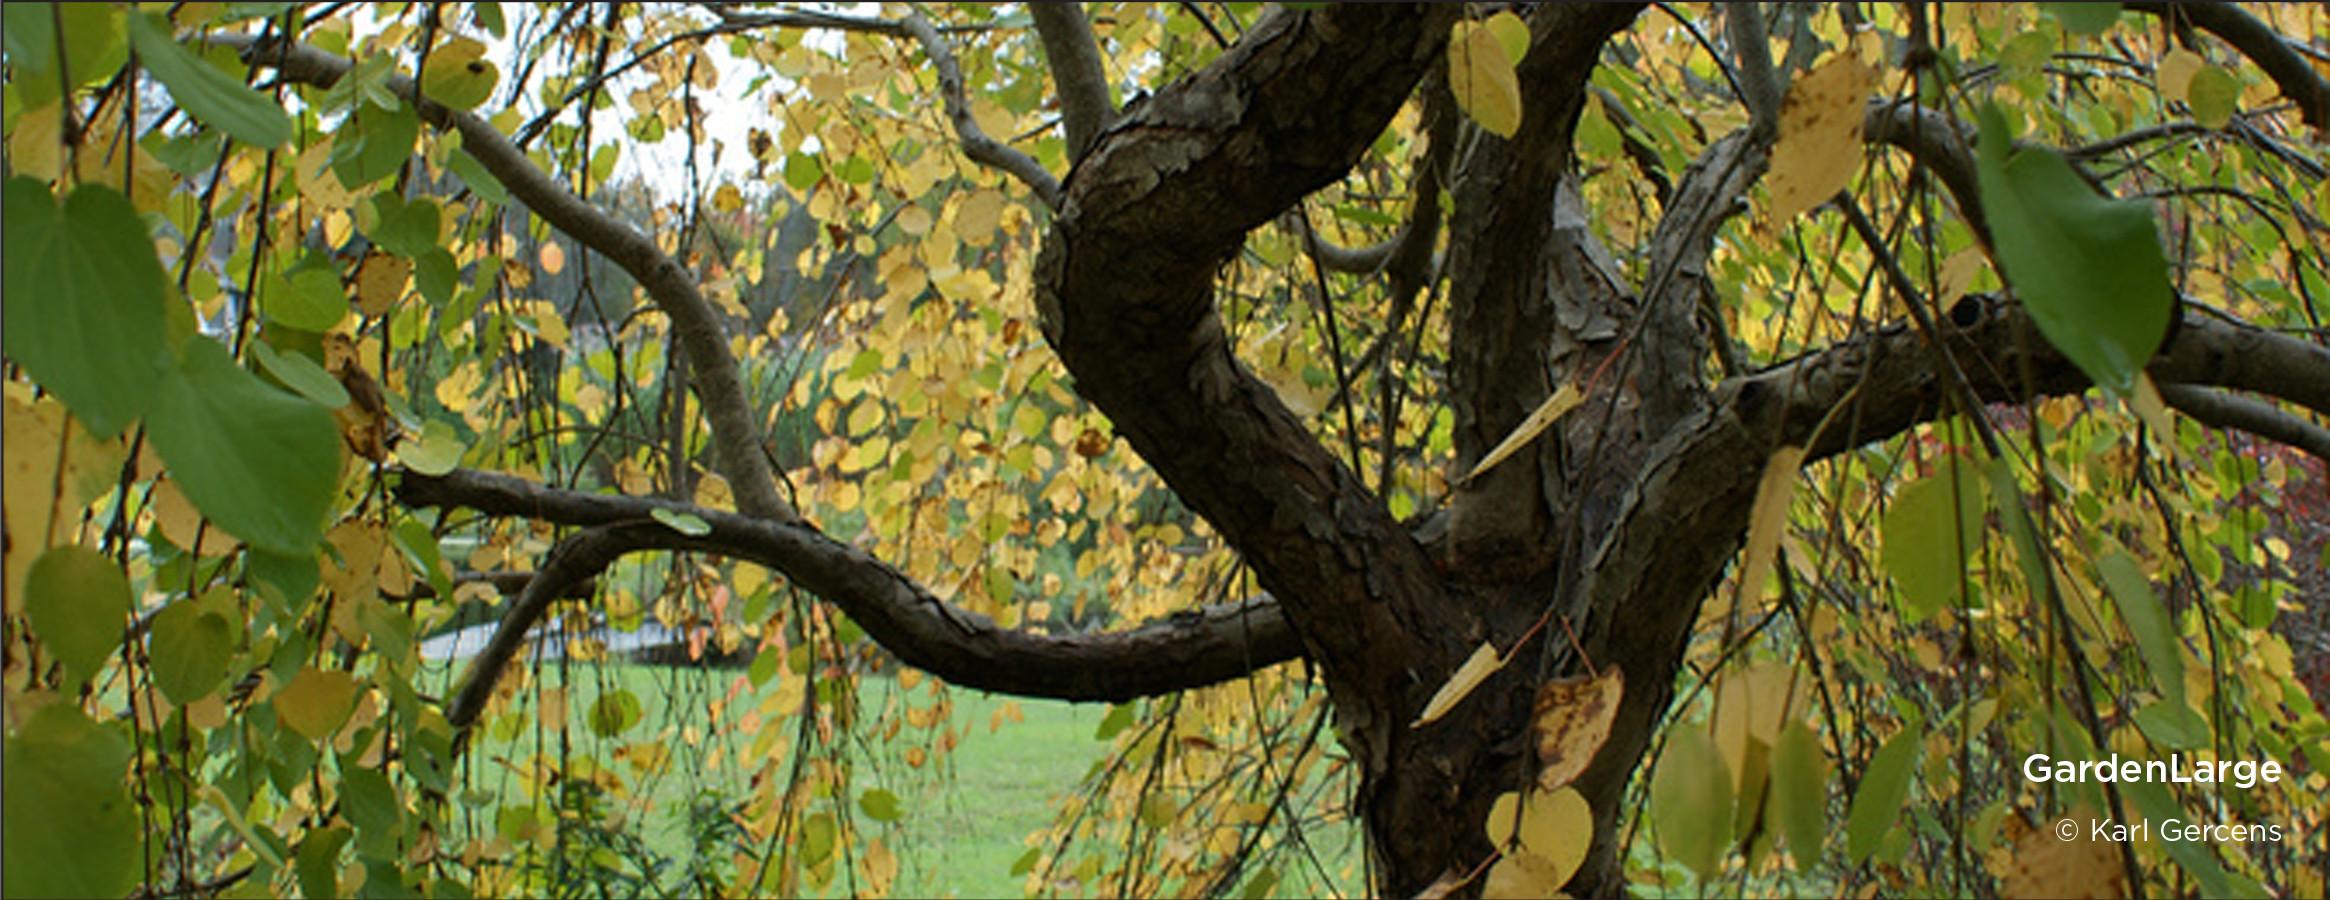 11-Gercens-Katusuranoarrow